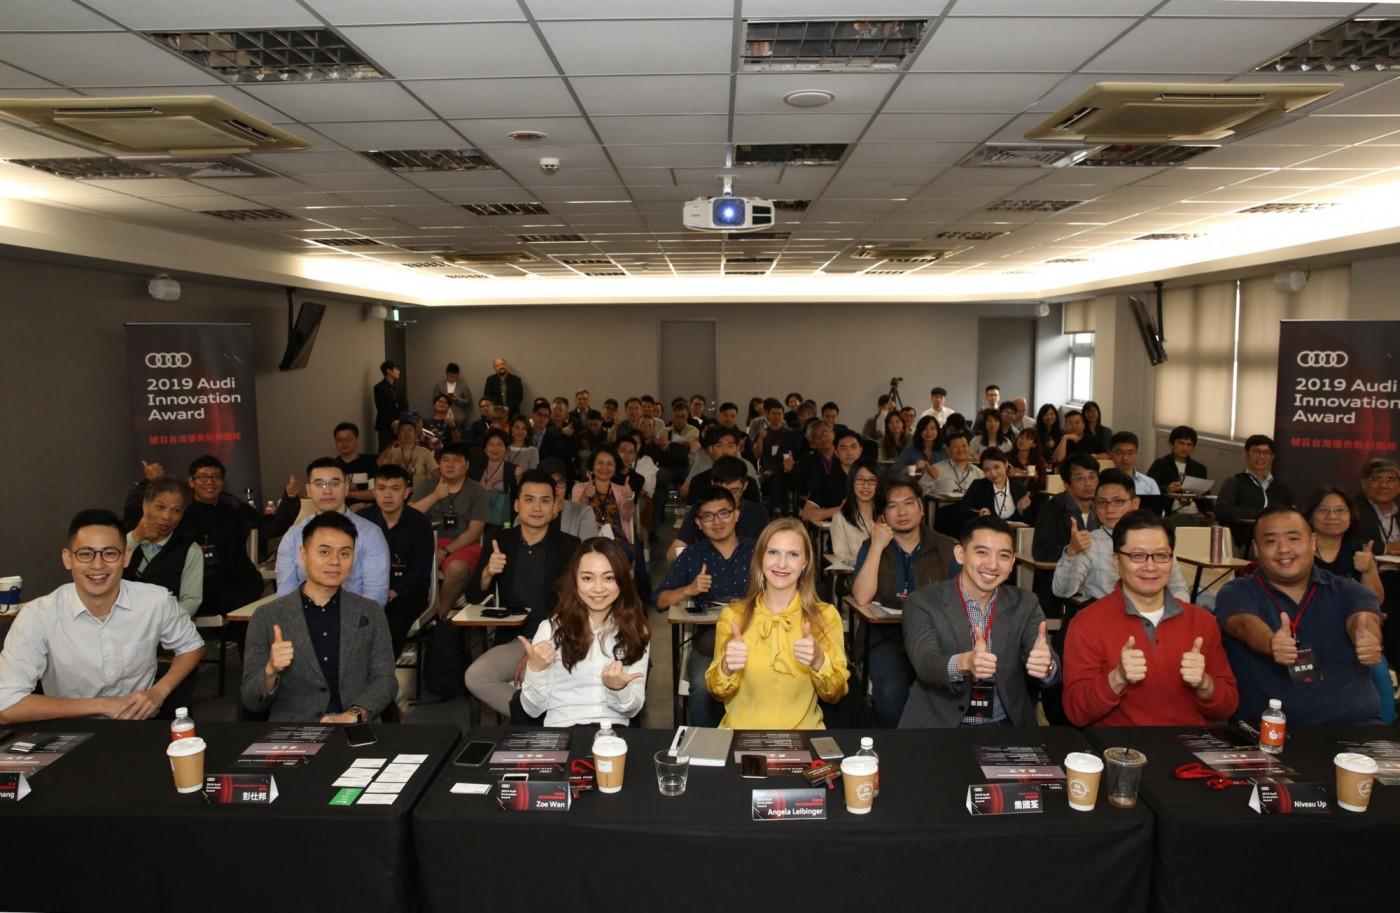 台灣奧迪提供多項獎勵措施 引領台灣新創接軌國際 2019 Audi Innovation Award徵件倒數中